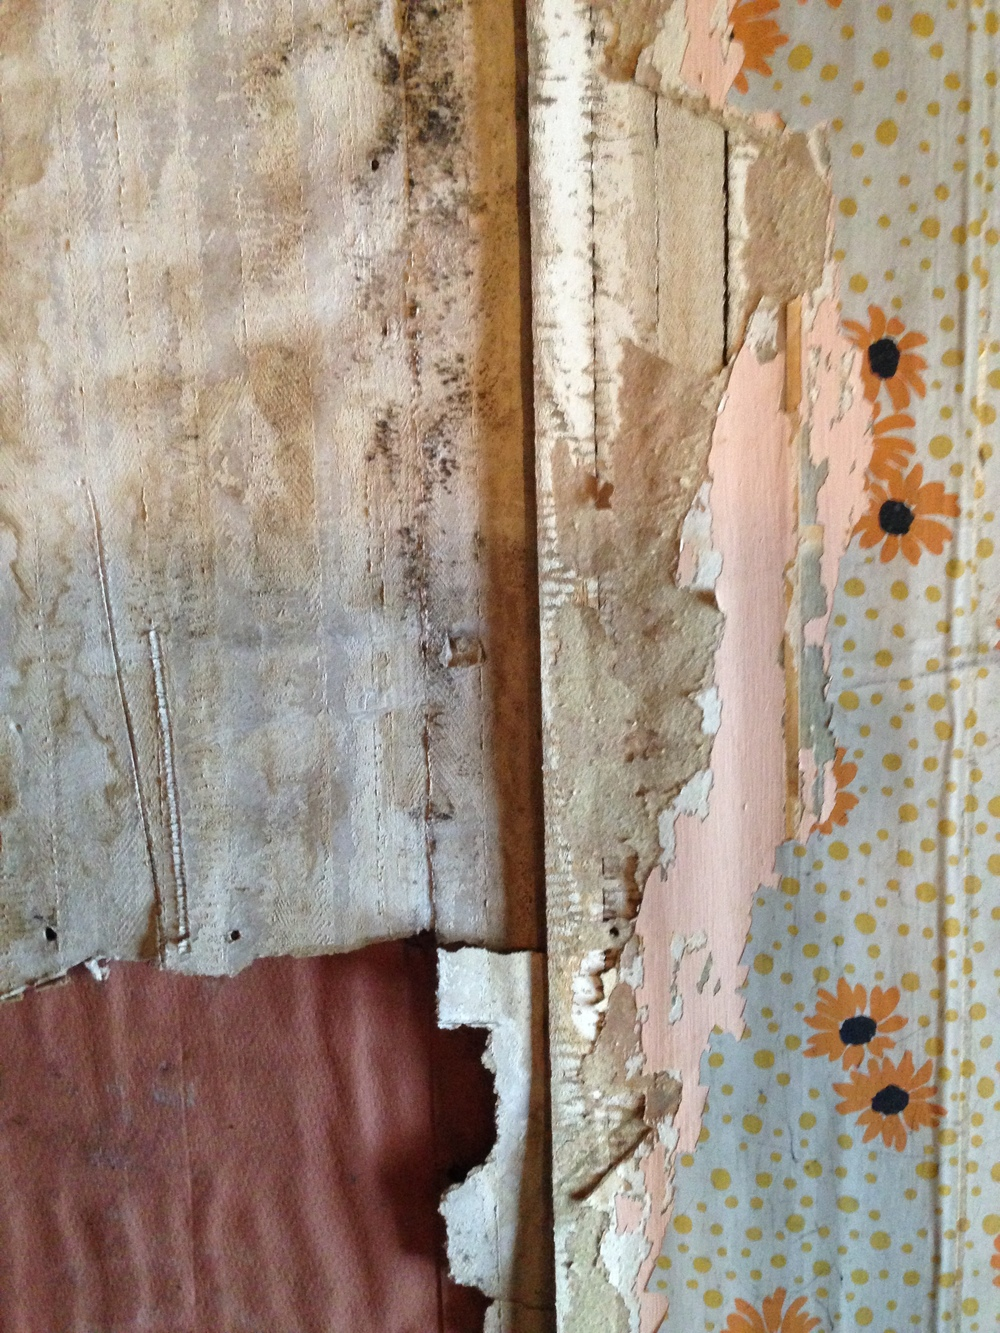 layer under wallpaper